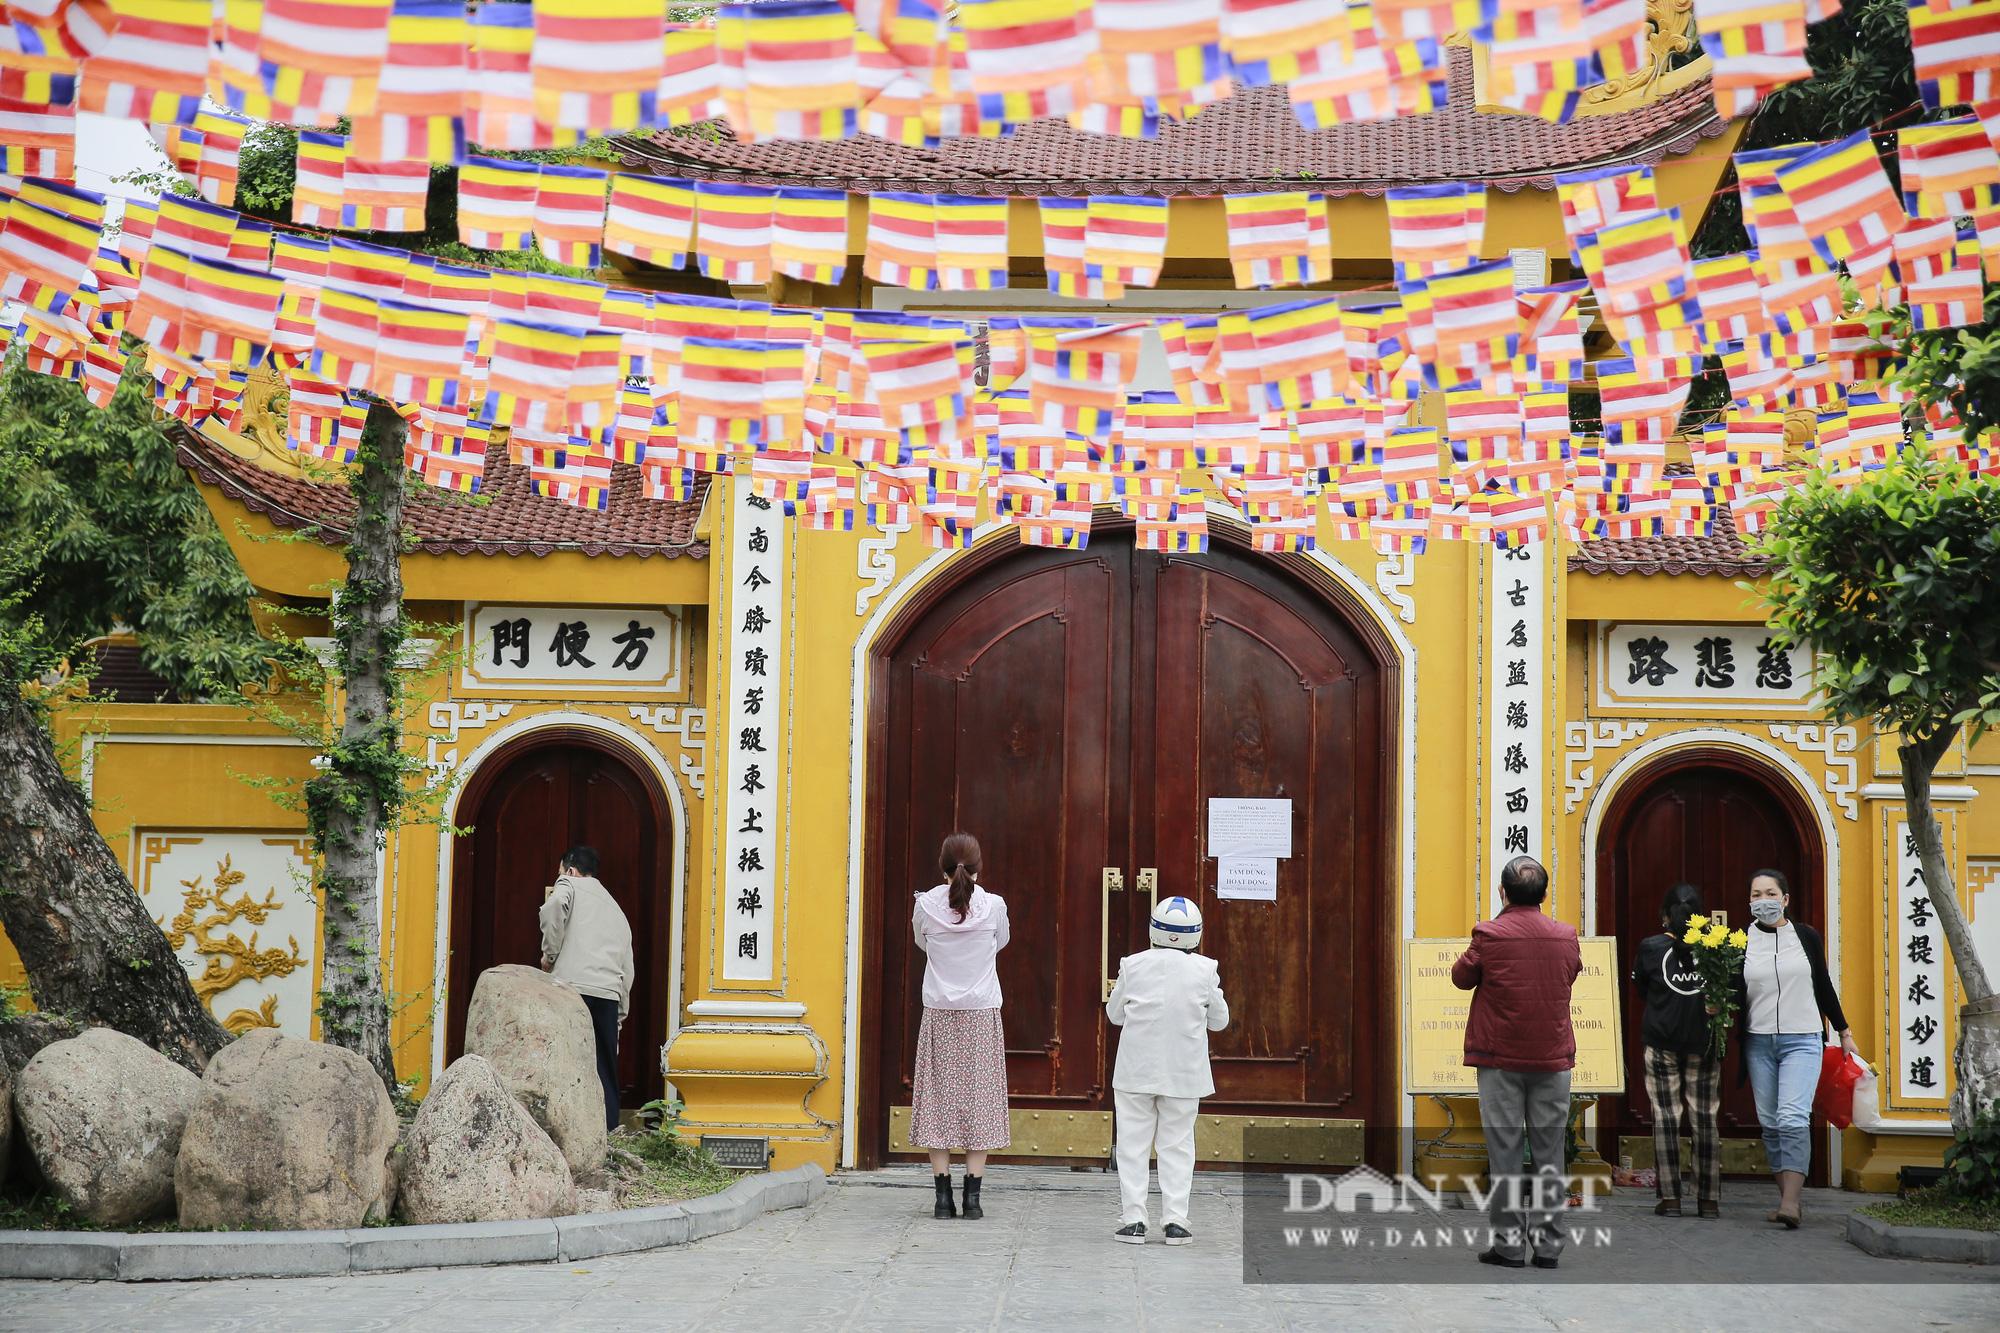 Công an gác cổng, người dân lập bàn vái vọng trước đền chùa ngày Rằm tháng Giêng - Ảnh 11.